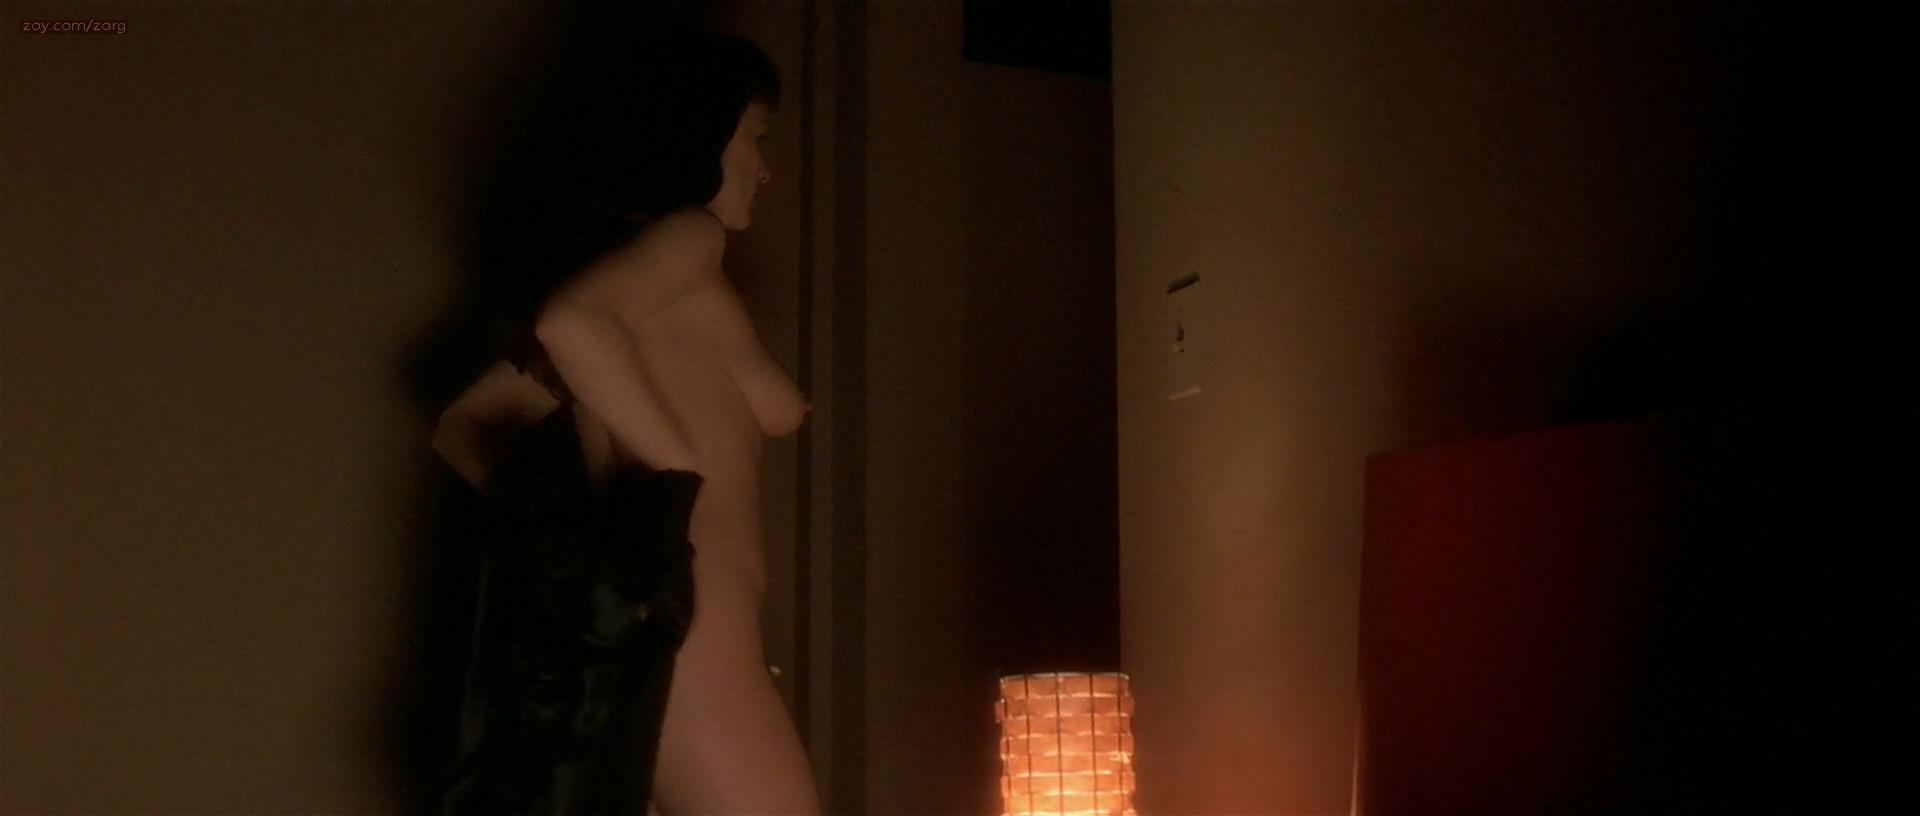 Patricia arquette nude sex scene in lost highway scandalplanetcom